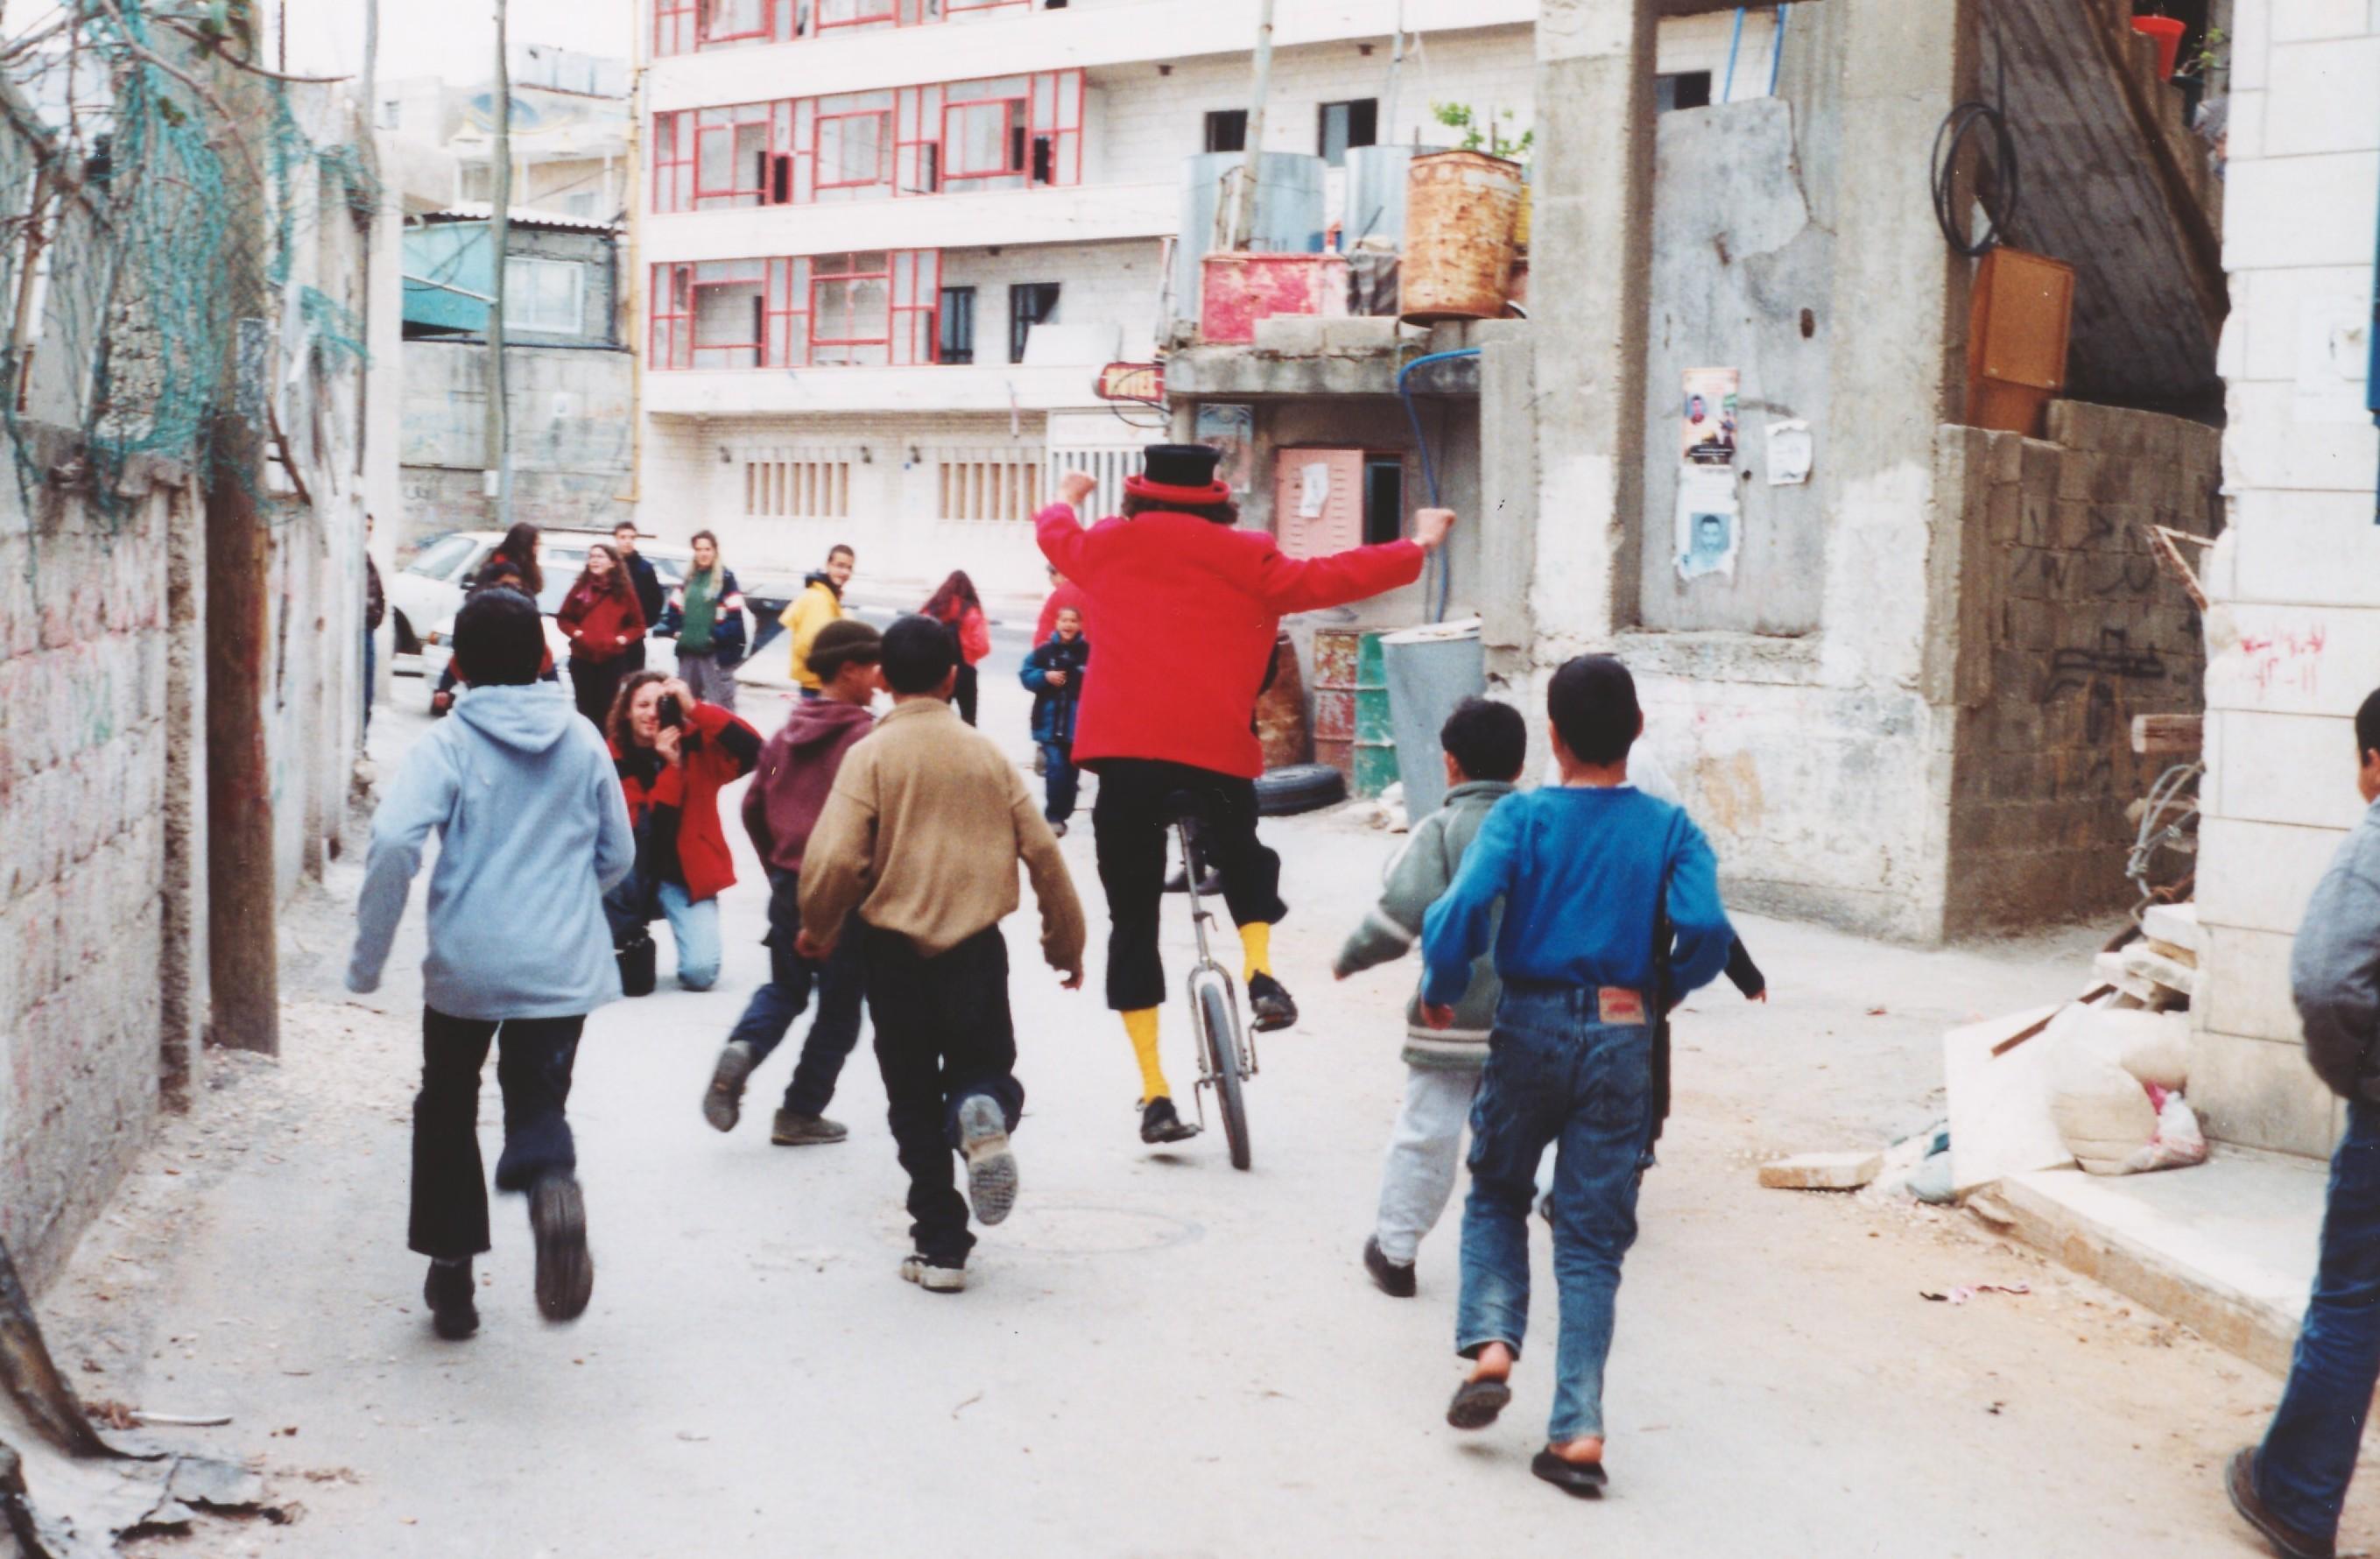 Foto di Valentina Perniciaro _Palestina, Betlemme, giocando nei campi profughi_